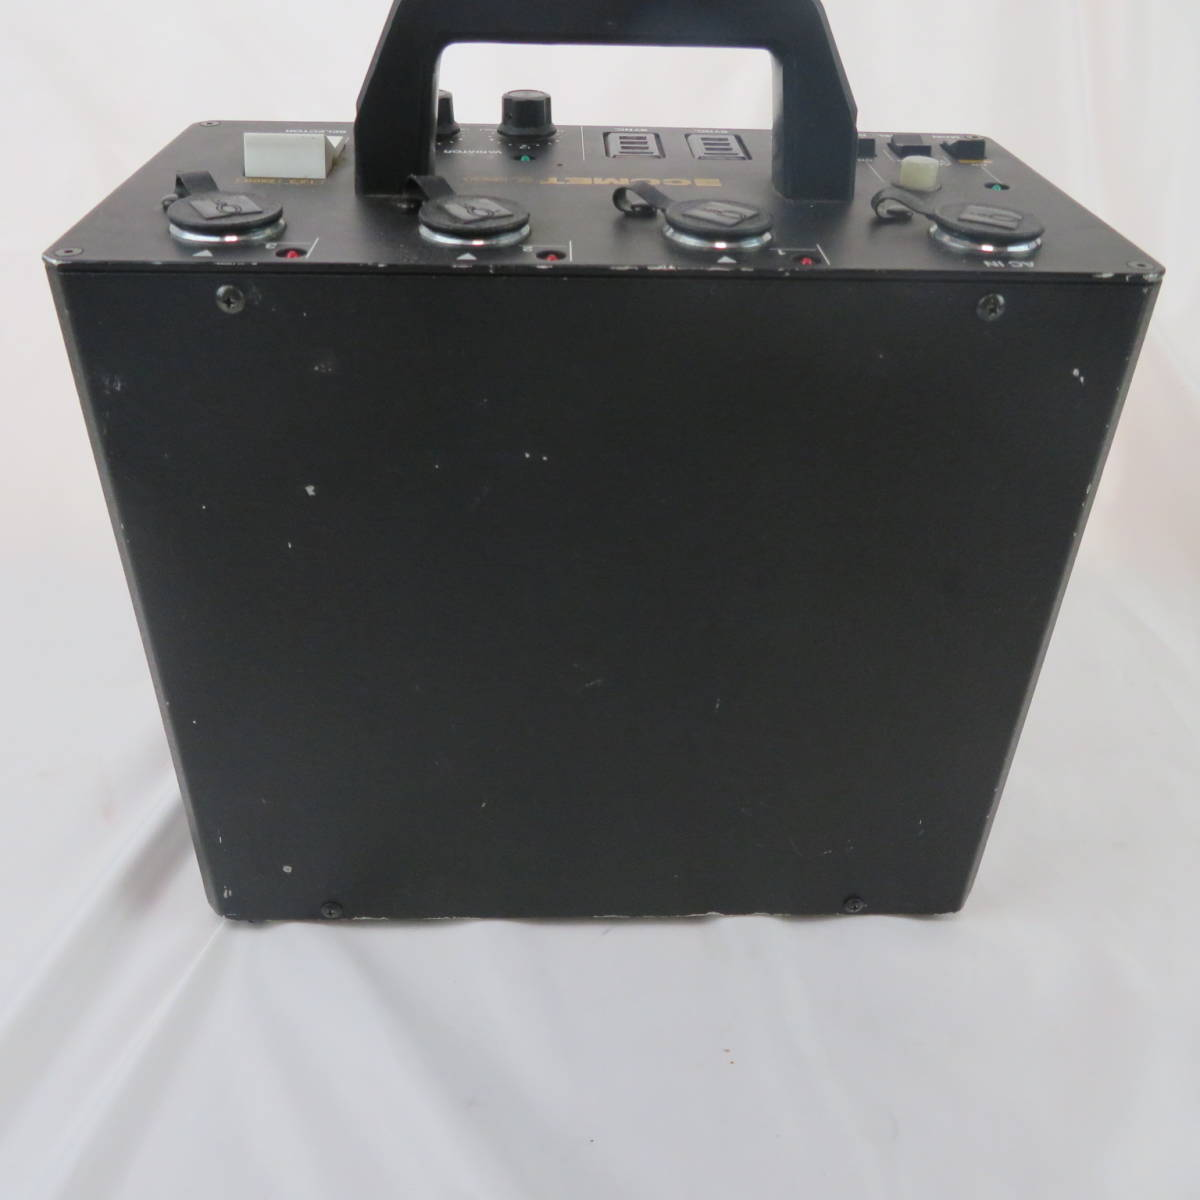 コメット CL-2500 ストロボ 業務用 動作未確認(20-1092)_画像5